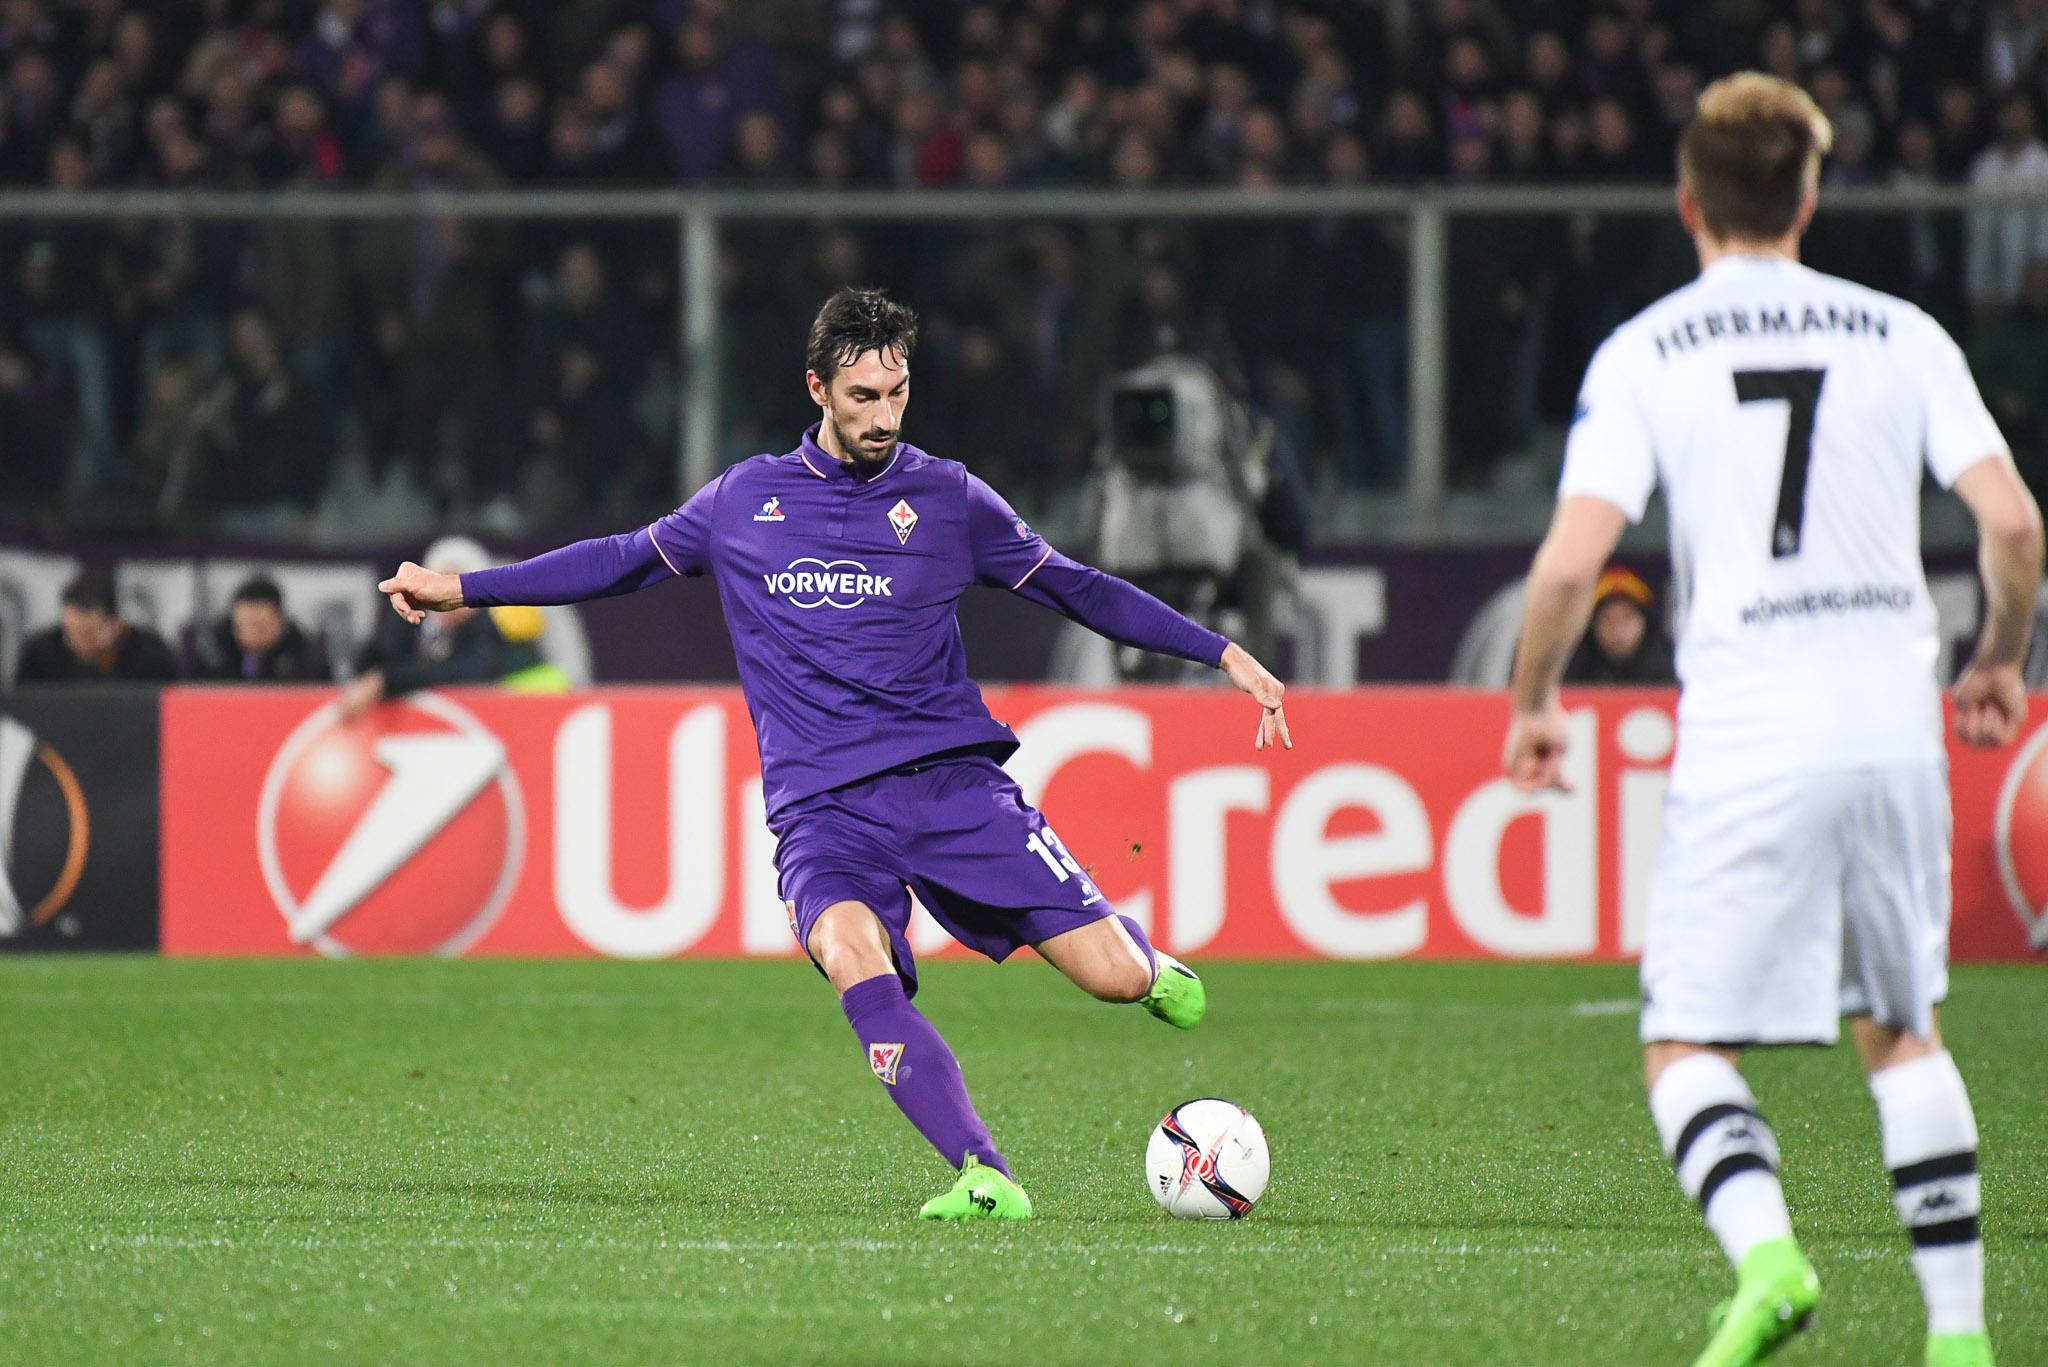 """Milan: """"Astori persona che chiunque voleva al suo fianco. Innamorato del calcio, momento terribile"""""""